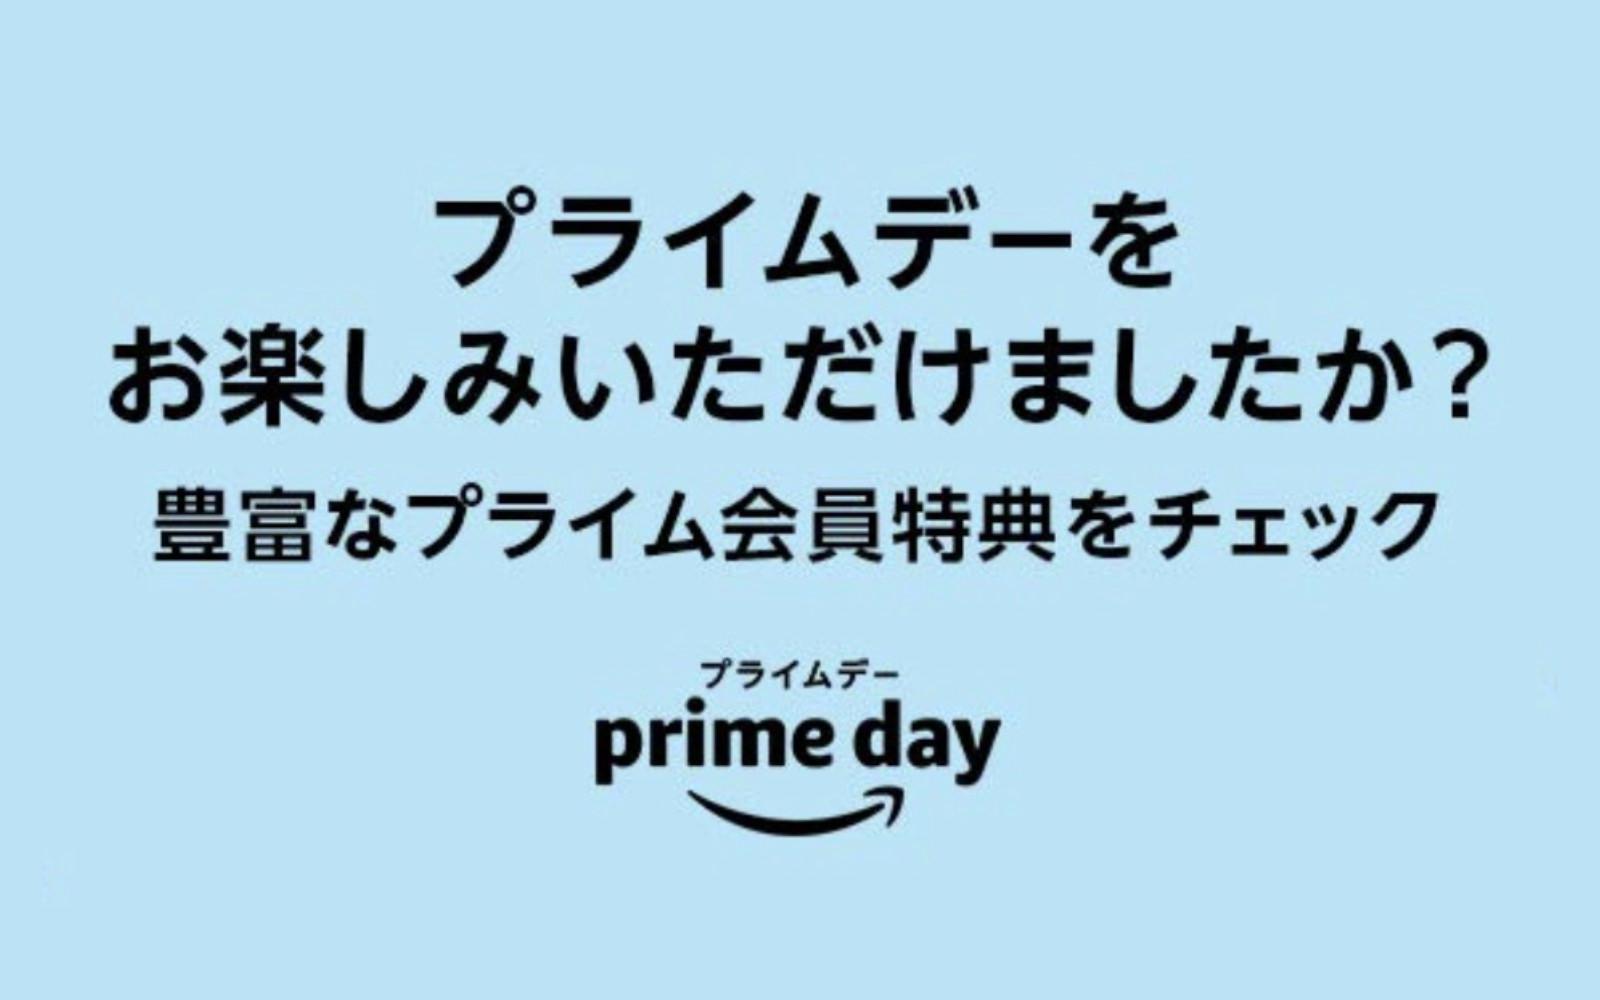 Prime Day Sales